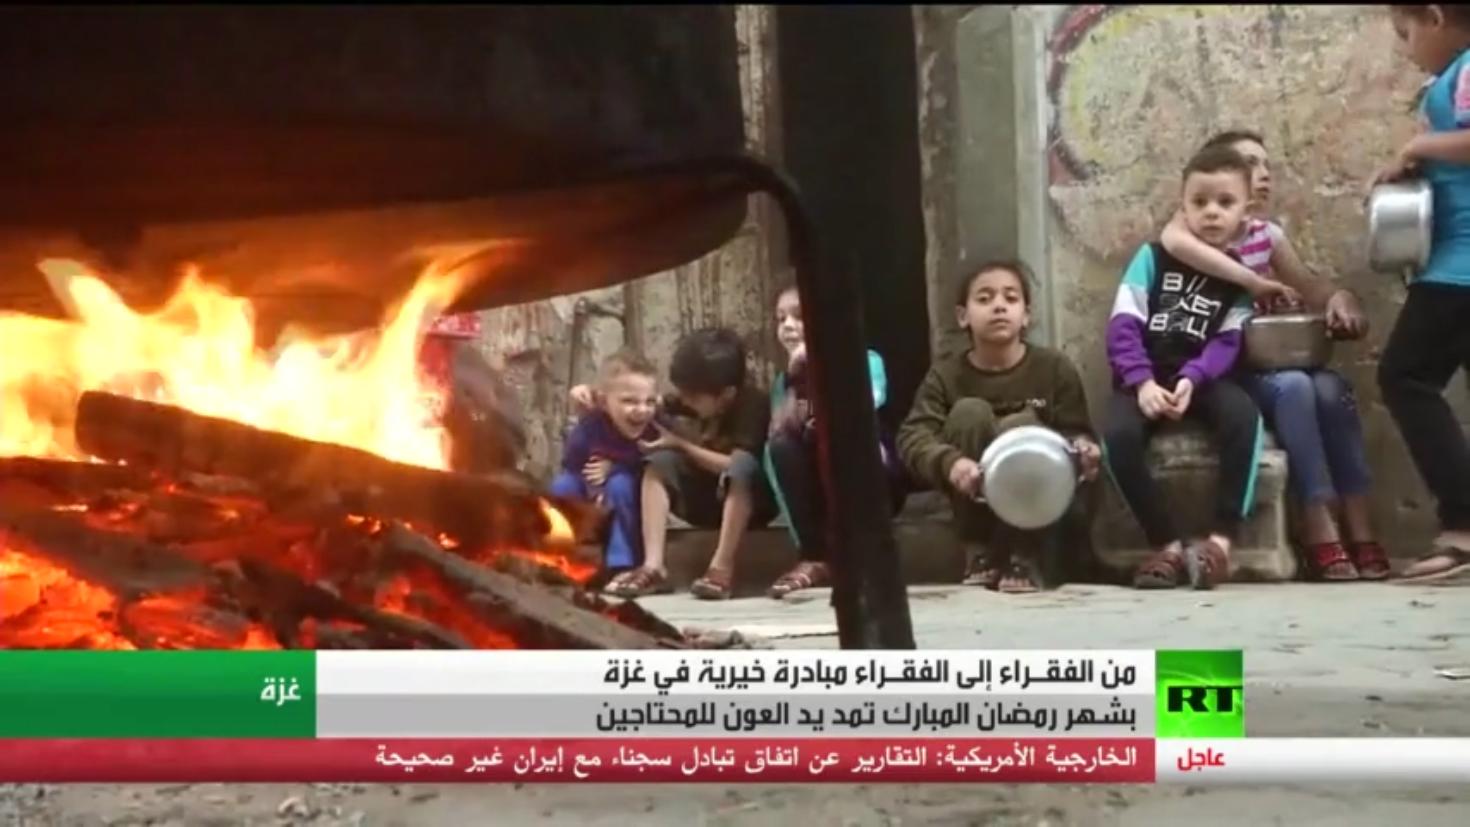 من الفقراء إلى الفقراء.. مبادرة رمضانية بغزة